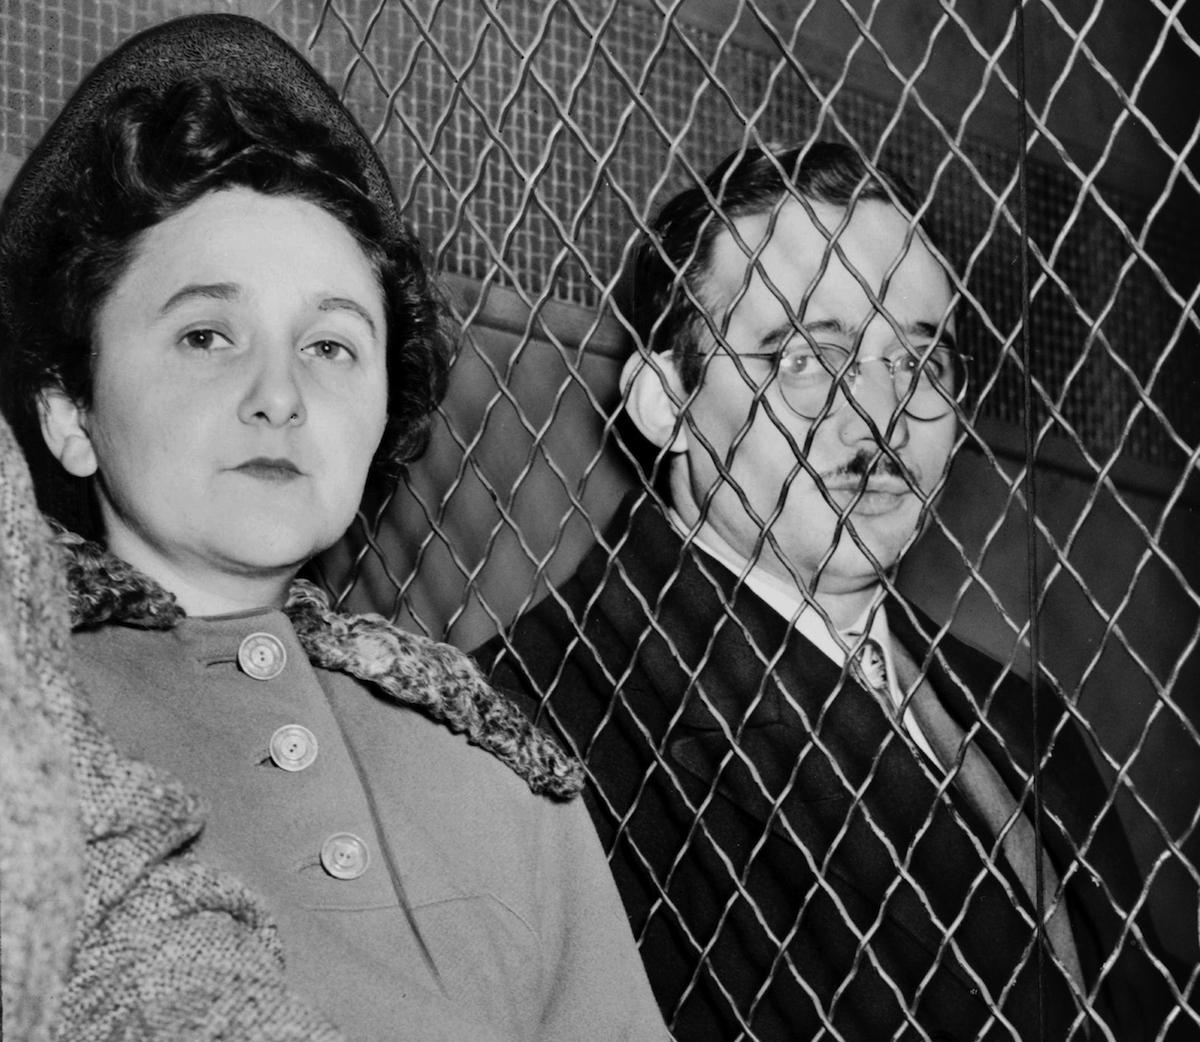 Julius Rosenberg (May 12, 1918 - June 19, 1953) and Ethel Rosenberg (September 28, 1915 - June 19, 1953) in 1953